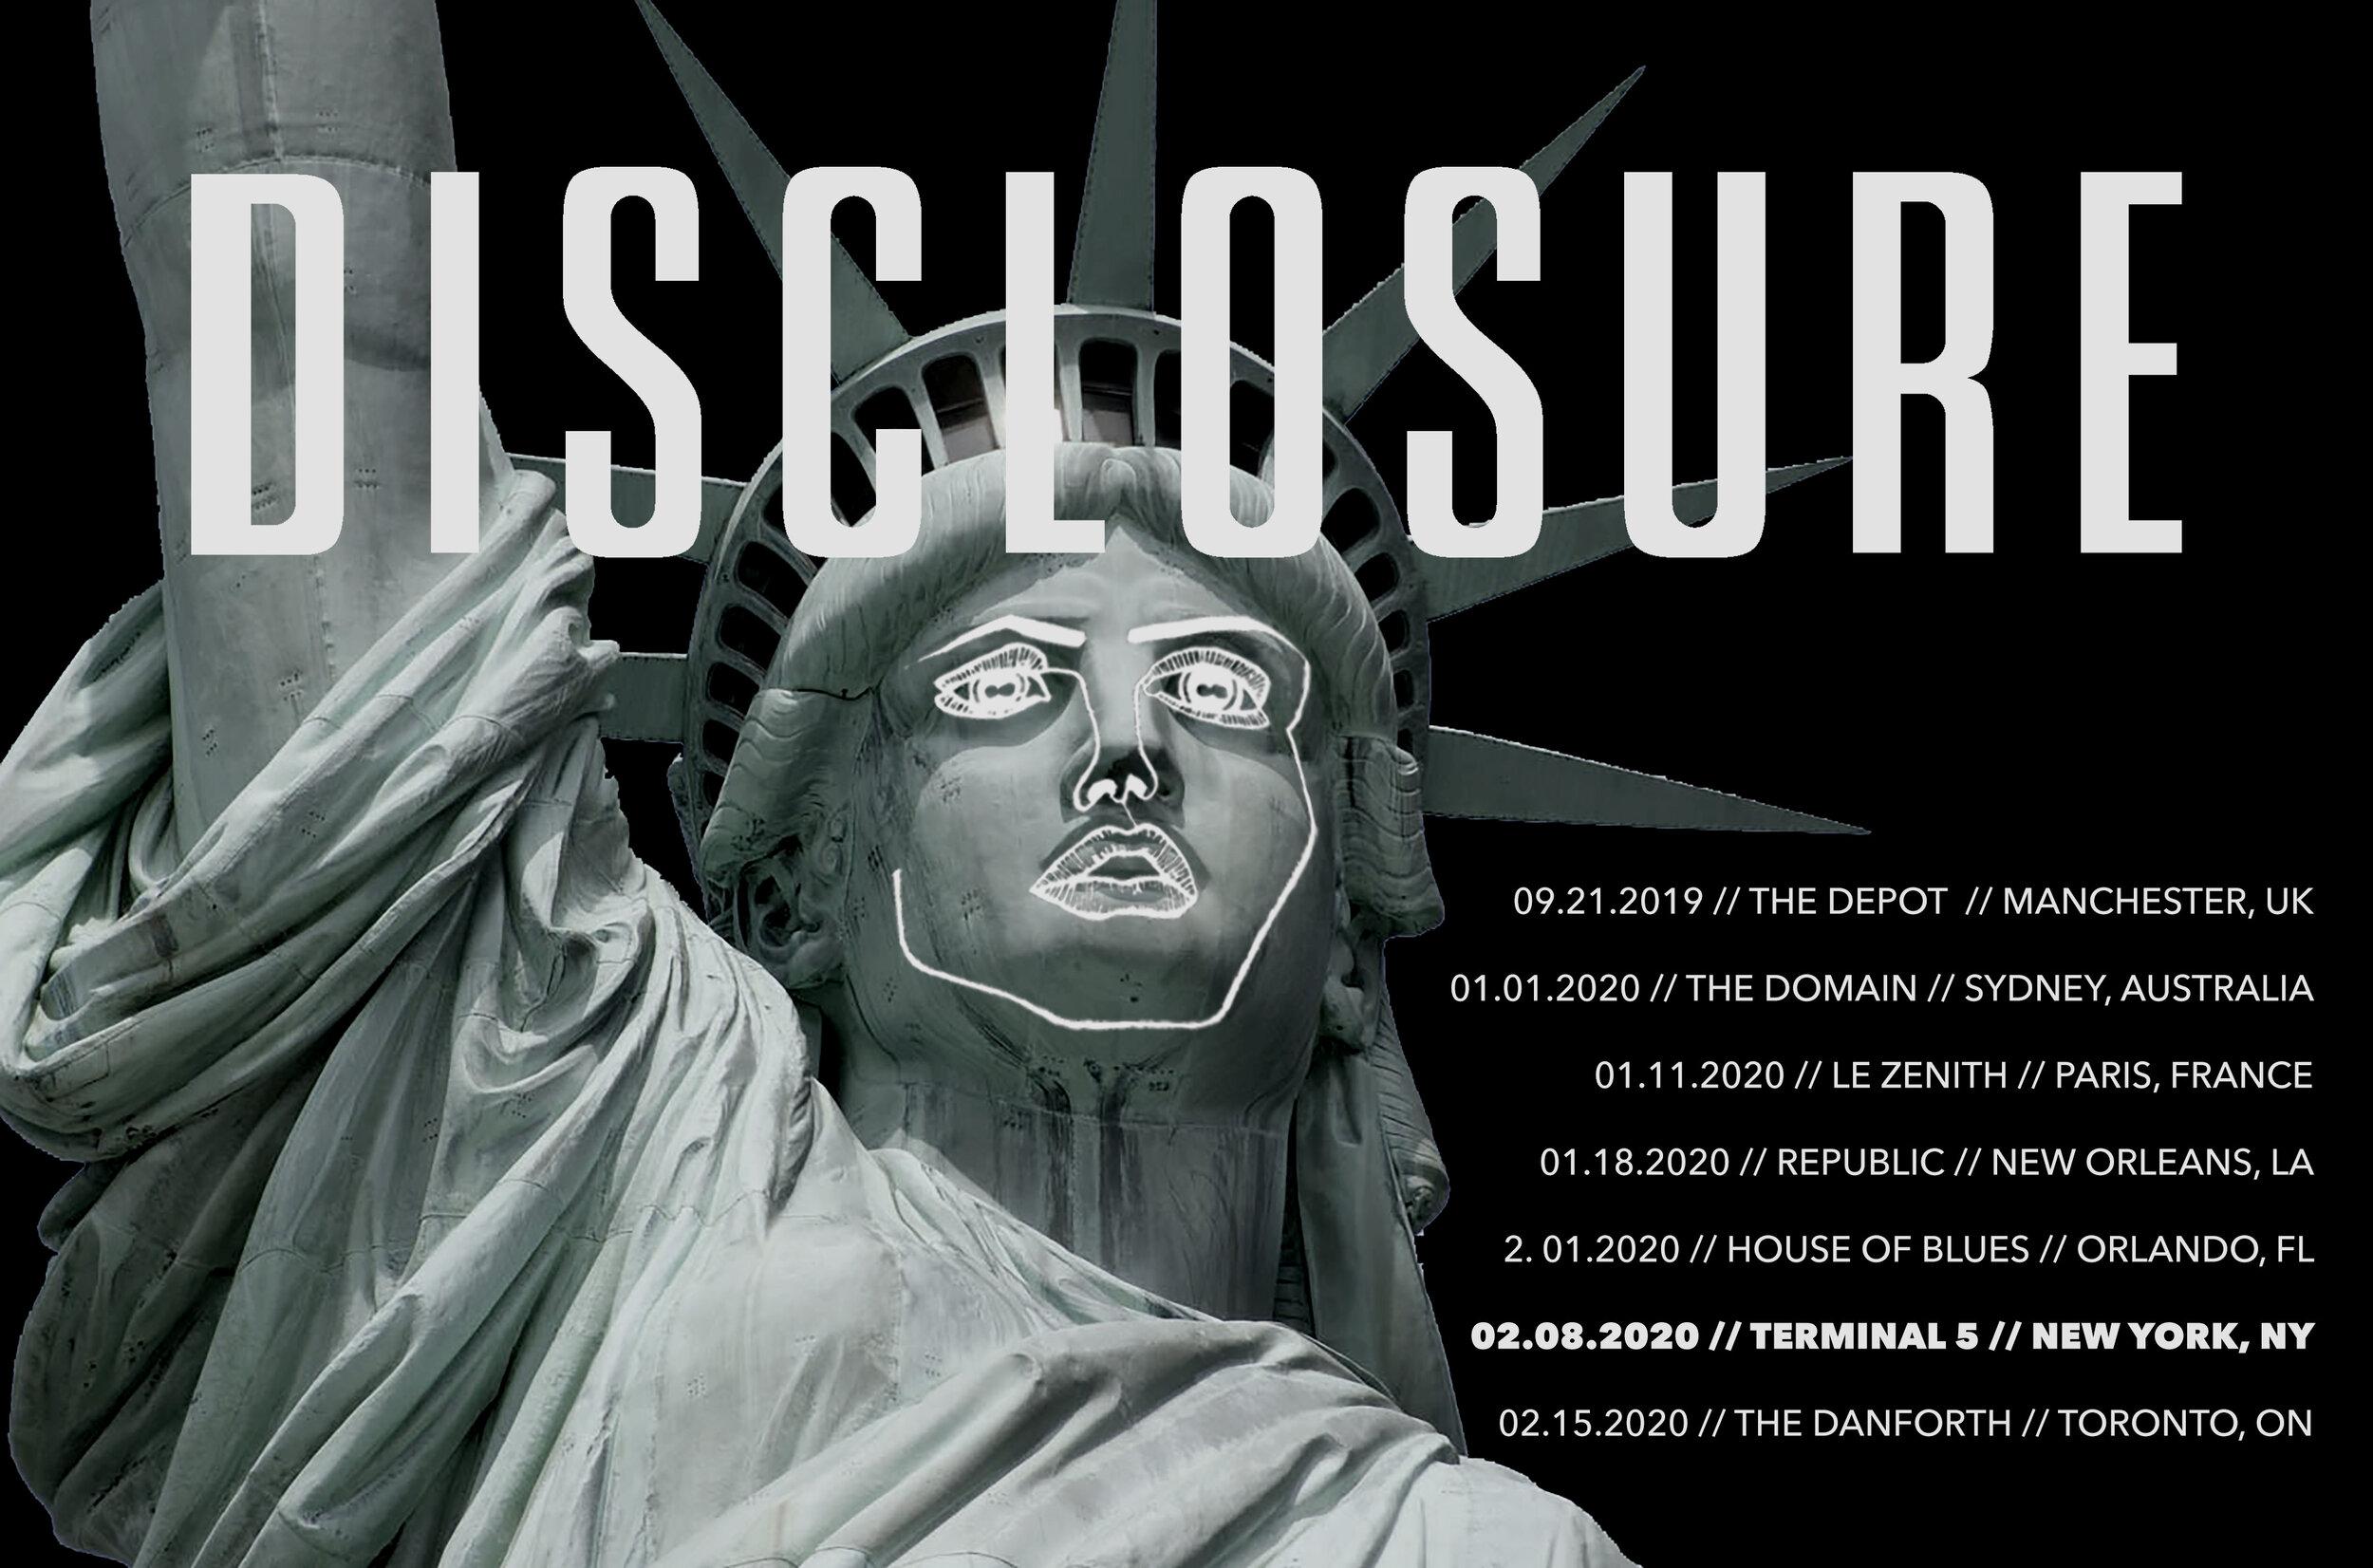 disclosure_poster_liberty2.5.jpg